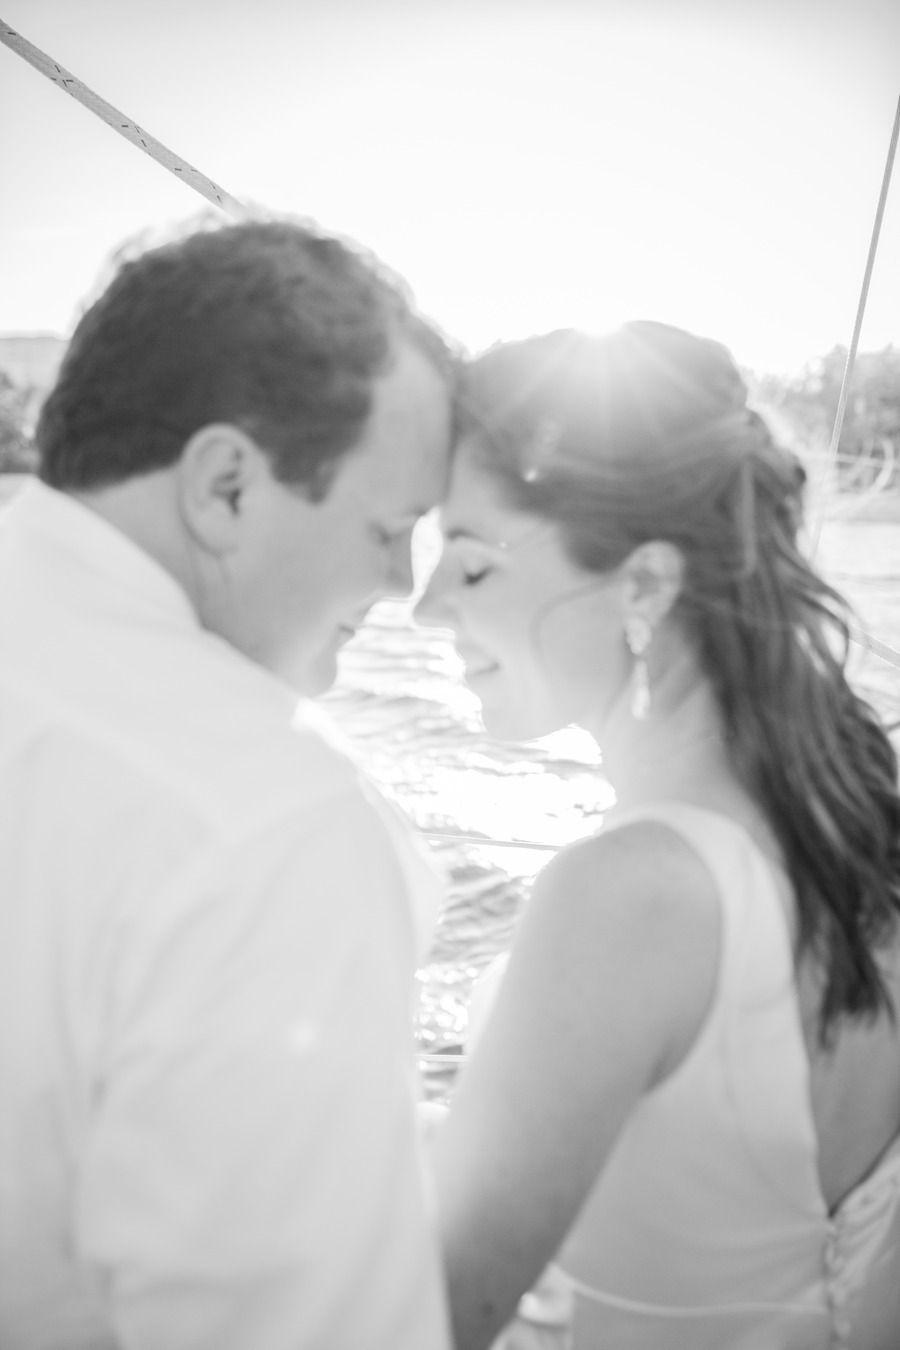 Florida dating lover 2013 eksempel profiler for dating nettsteder